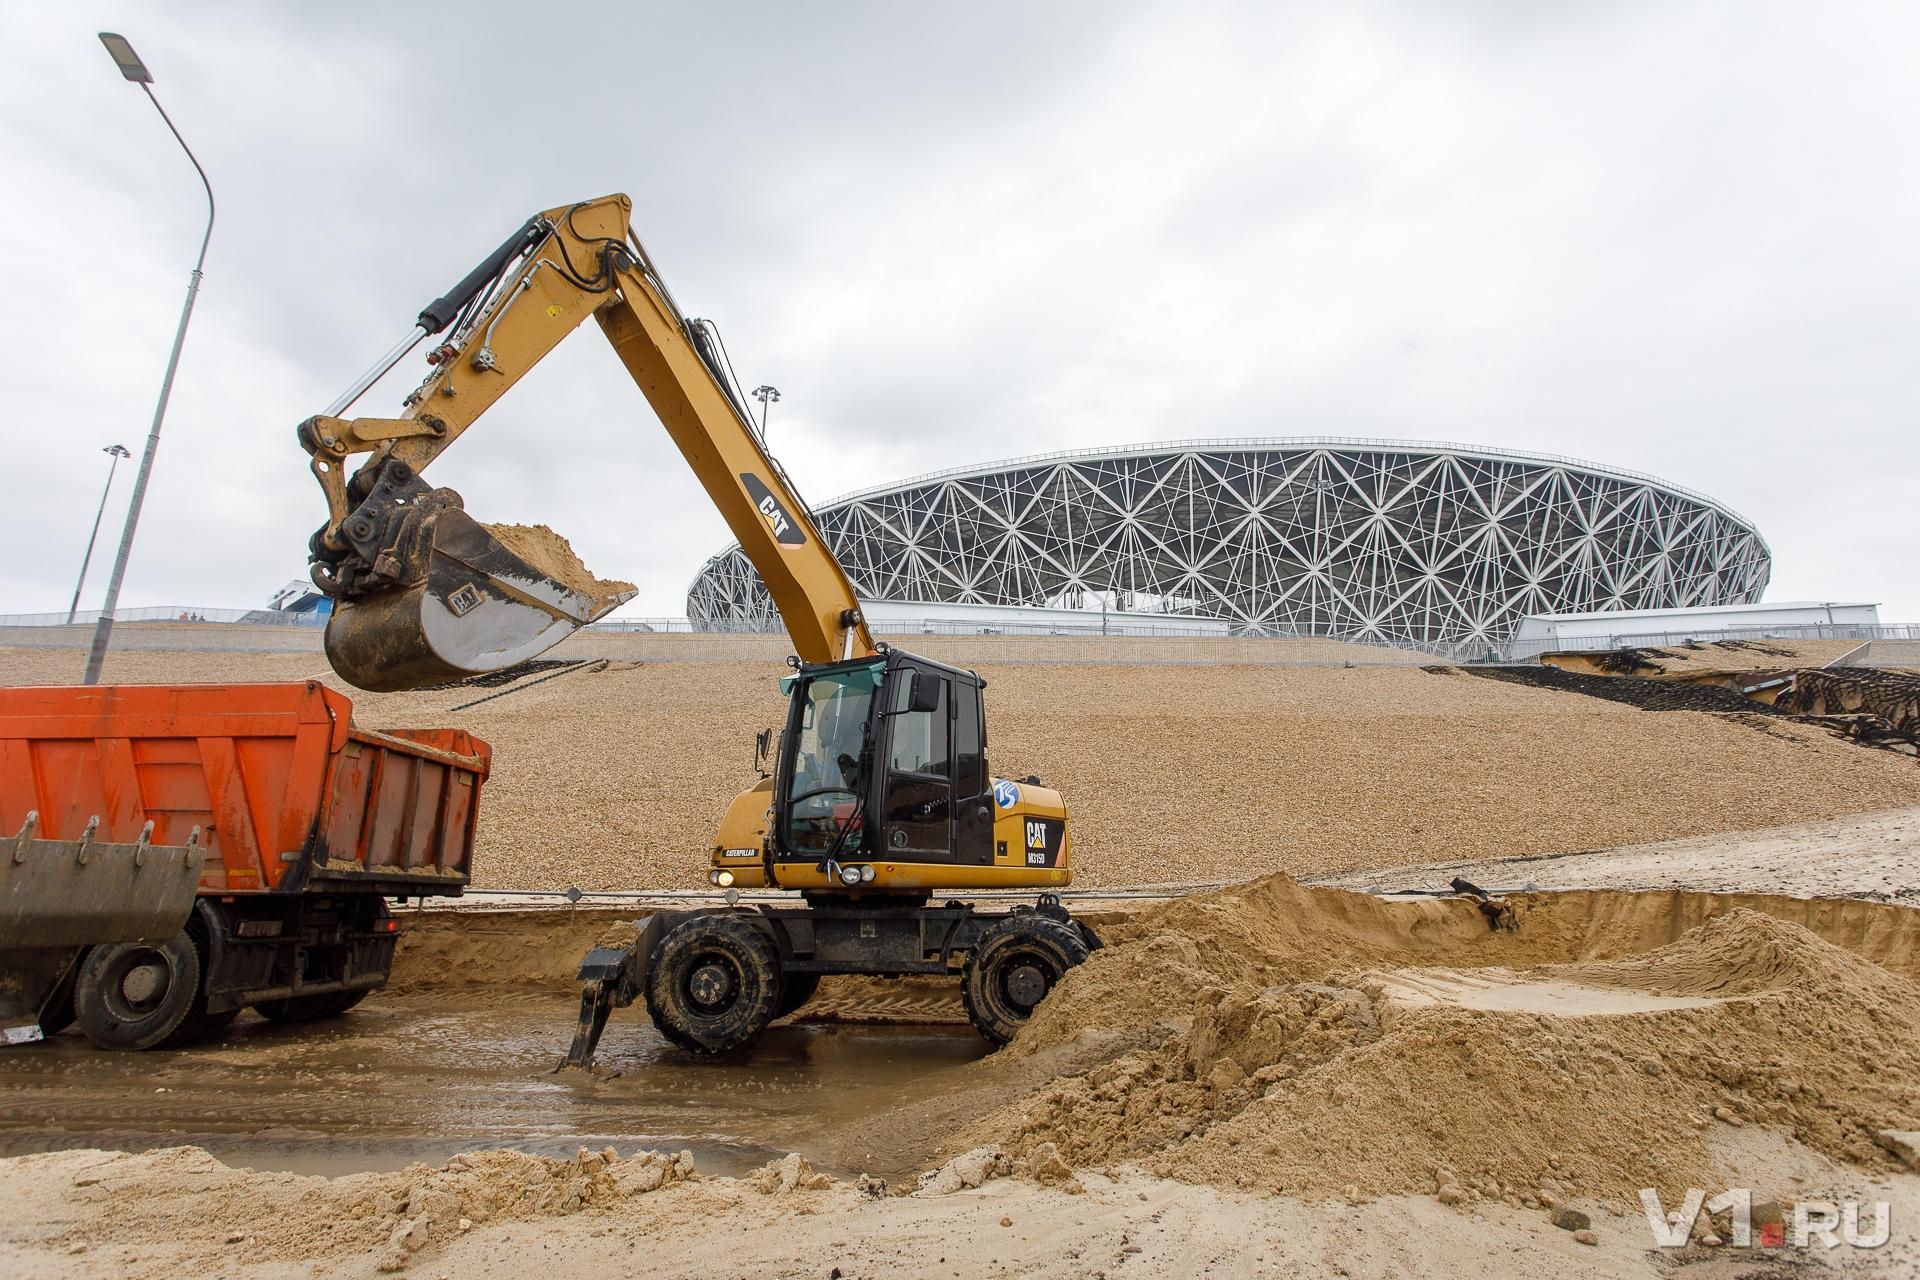 Руководитель проекта пообещал, что до выходных рабочие вновь засыплют склоны песком